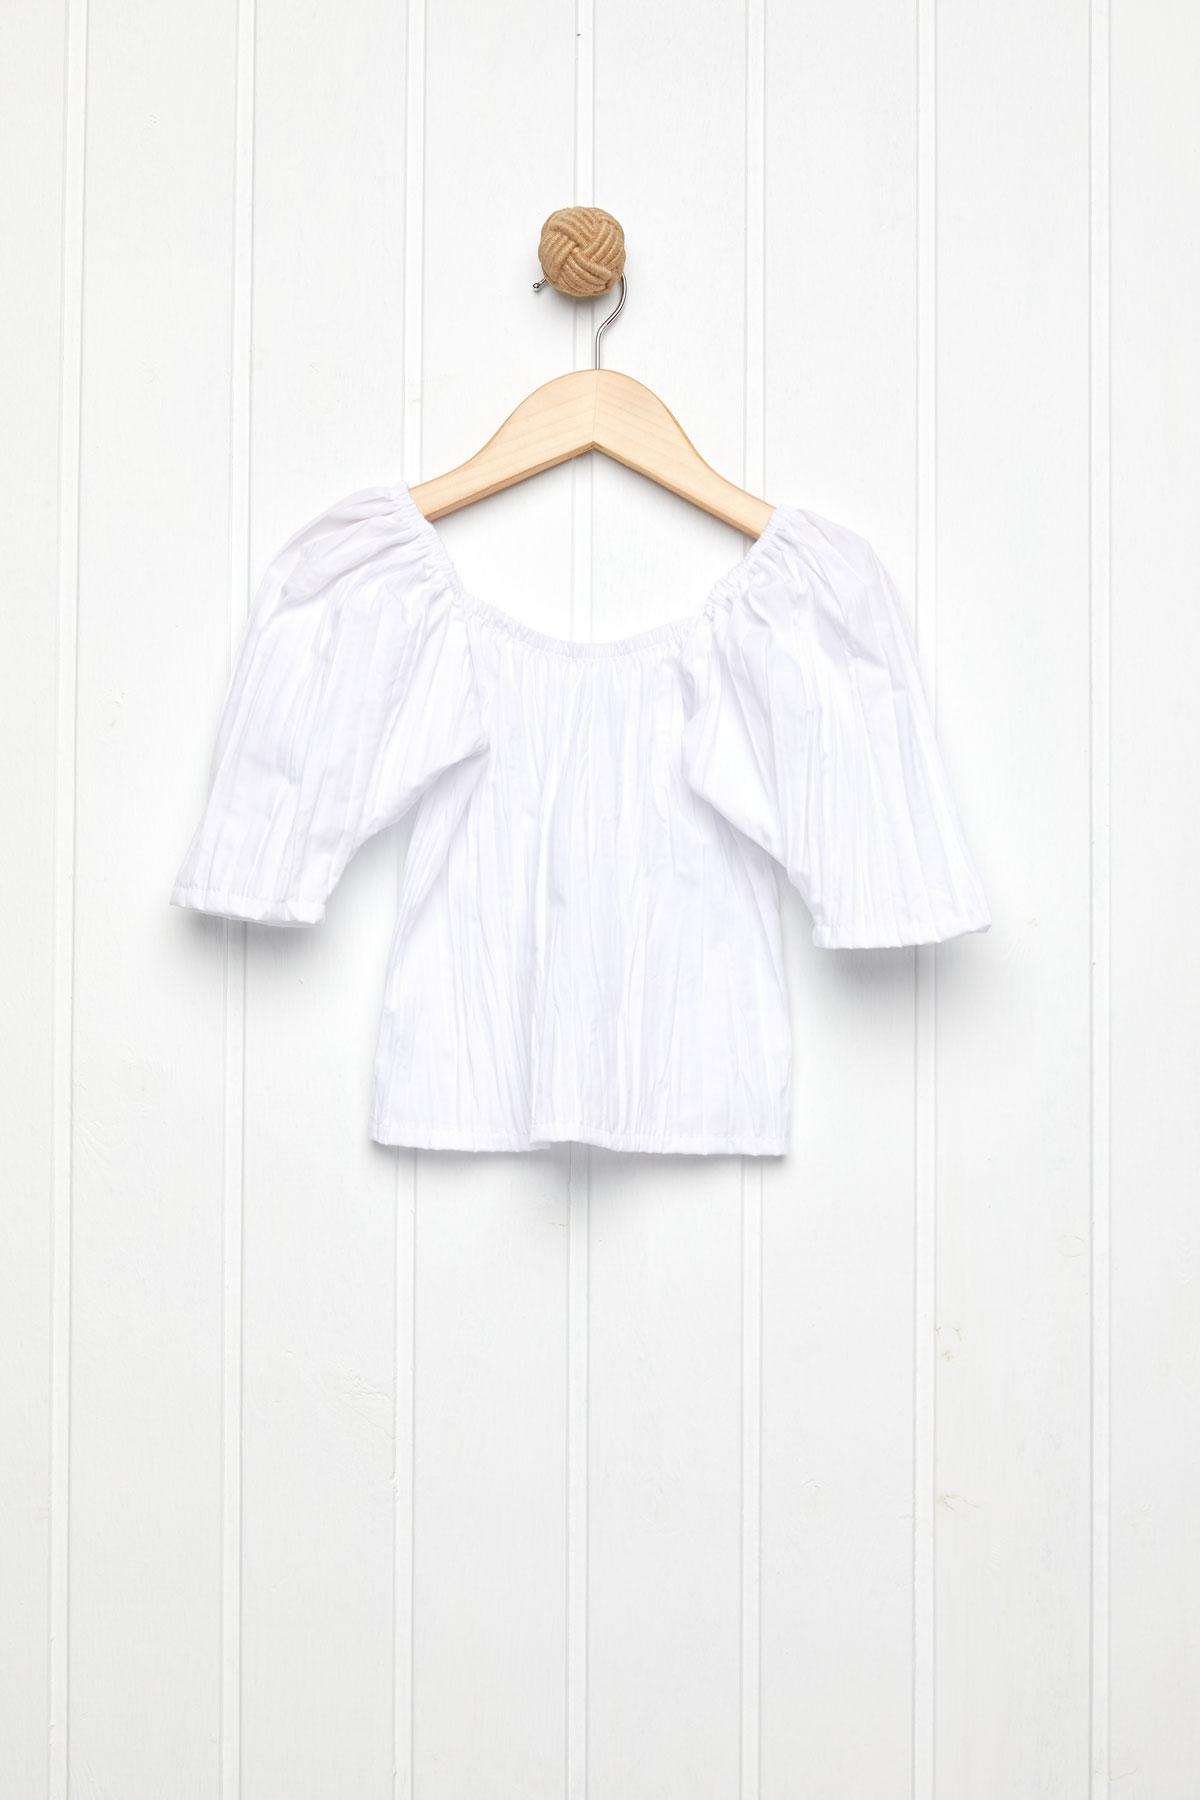 Μπλούζα τσαλακωτή λευκή φουσκωτά μανίκια